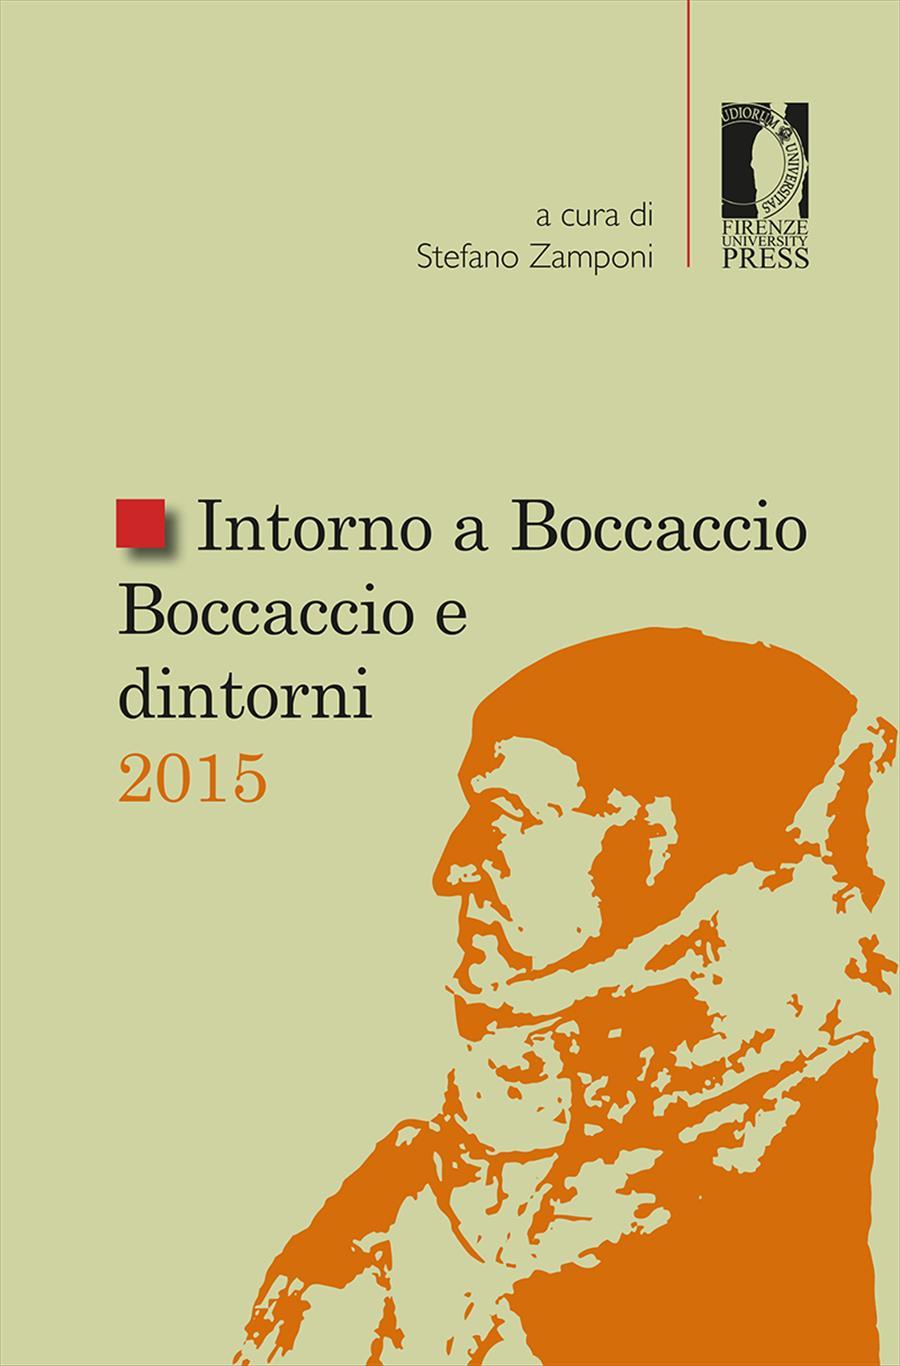 Intorno a Boccaccio / Boccaccio e dintorni 2015